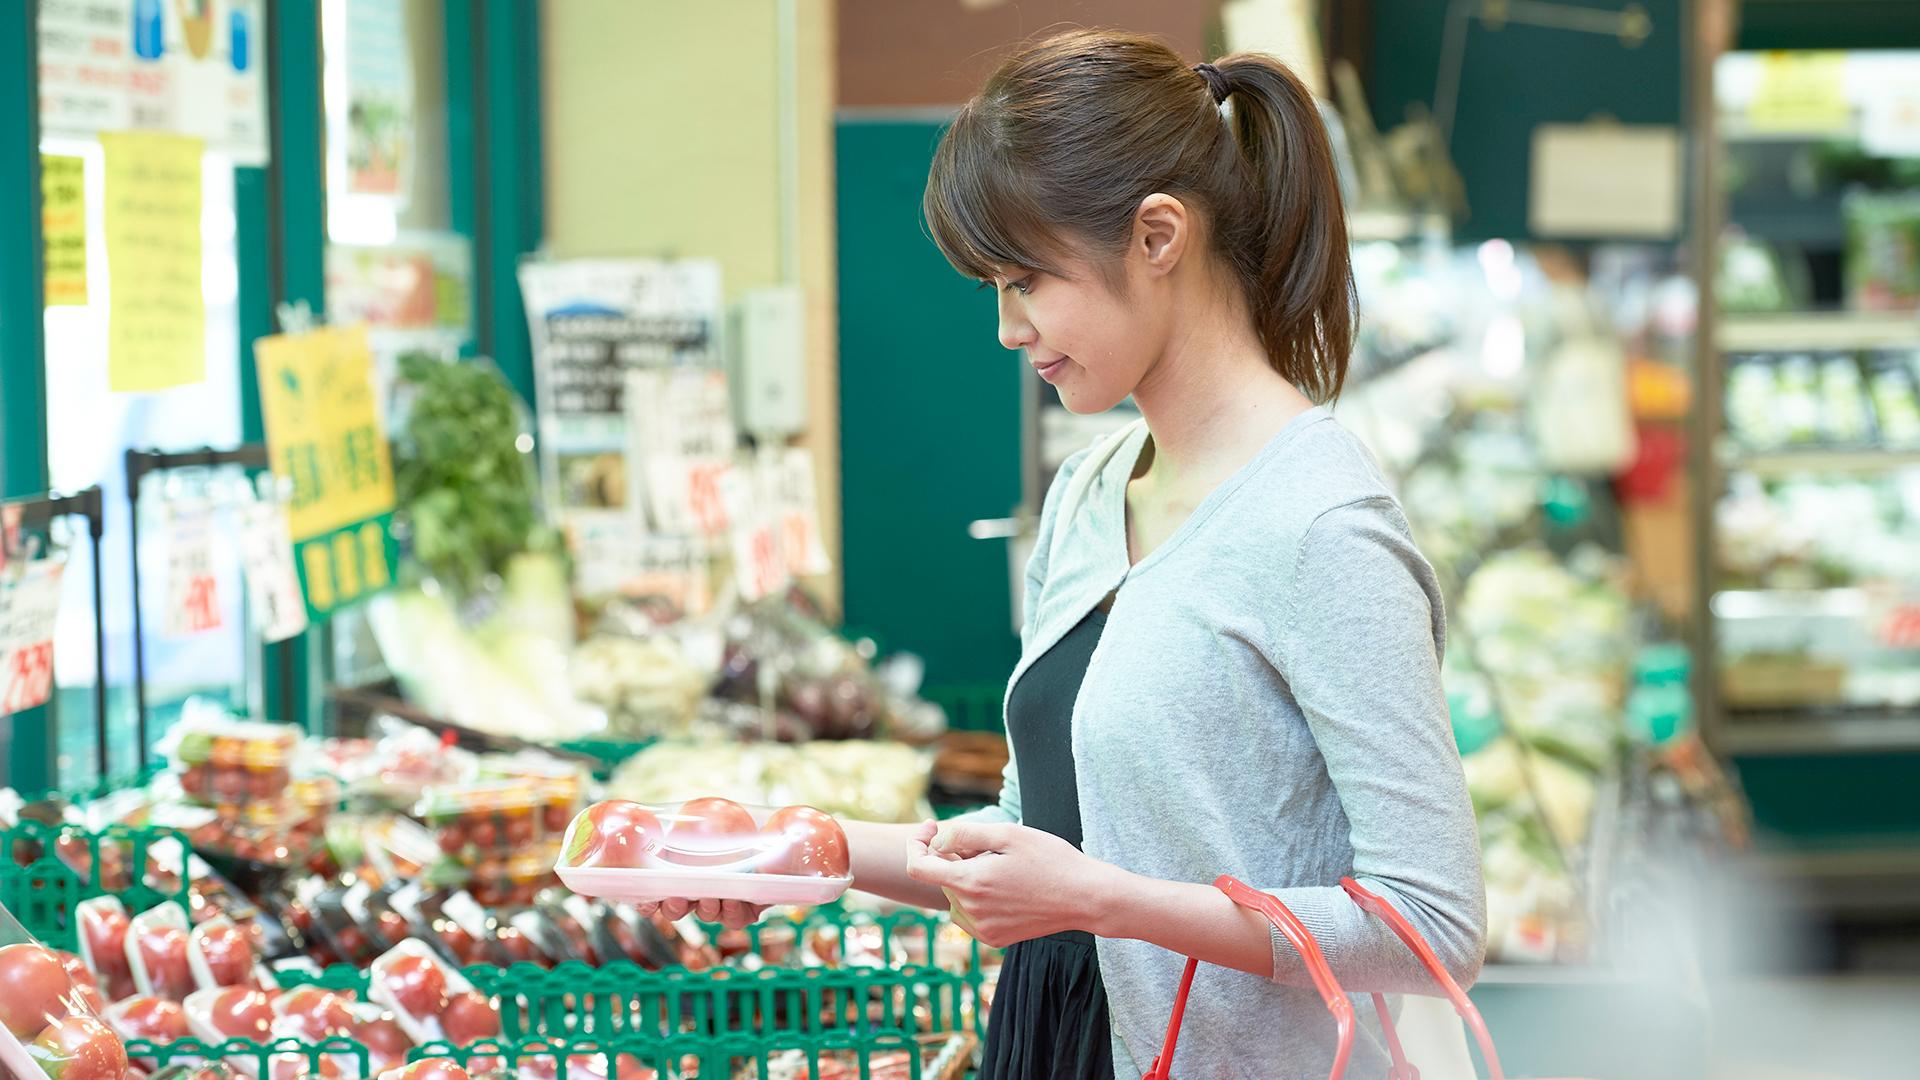 食品ロスは買い過ぎが原因?未使用食品の廃棄を解消するお買い物術